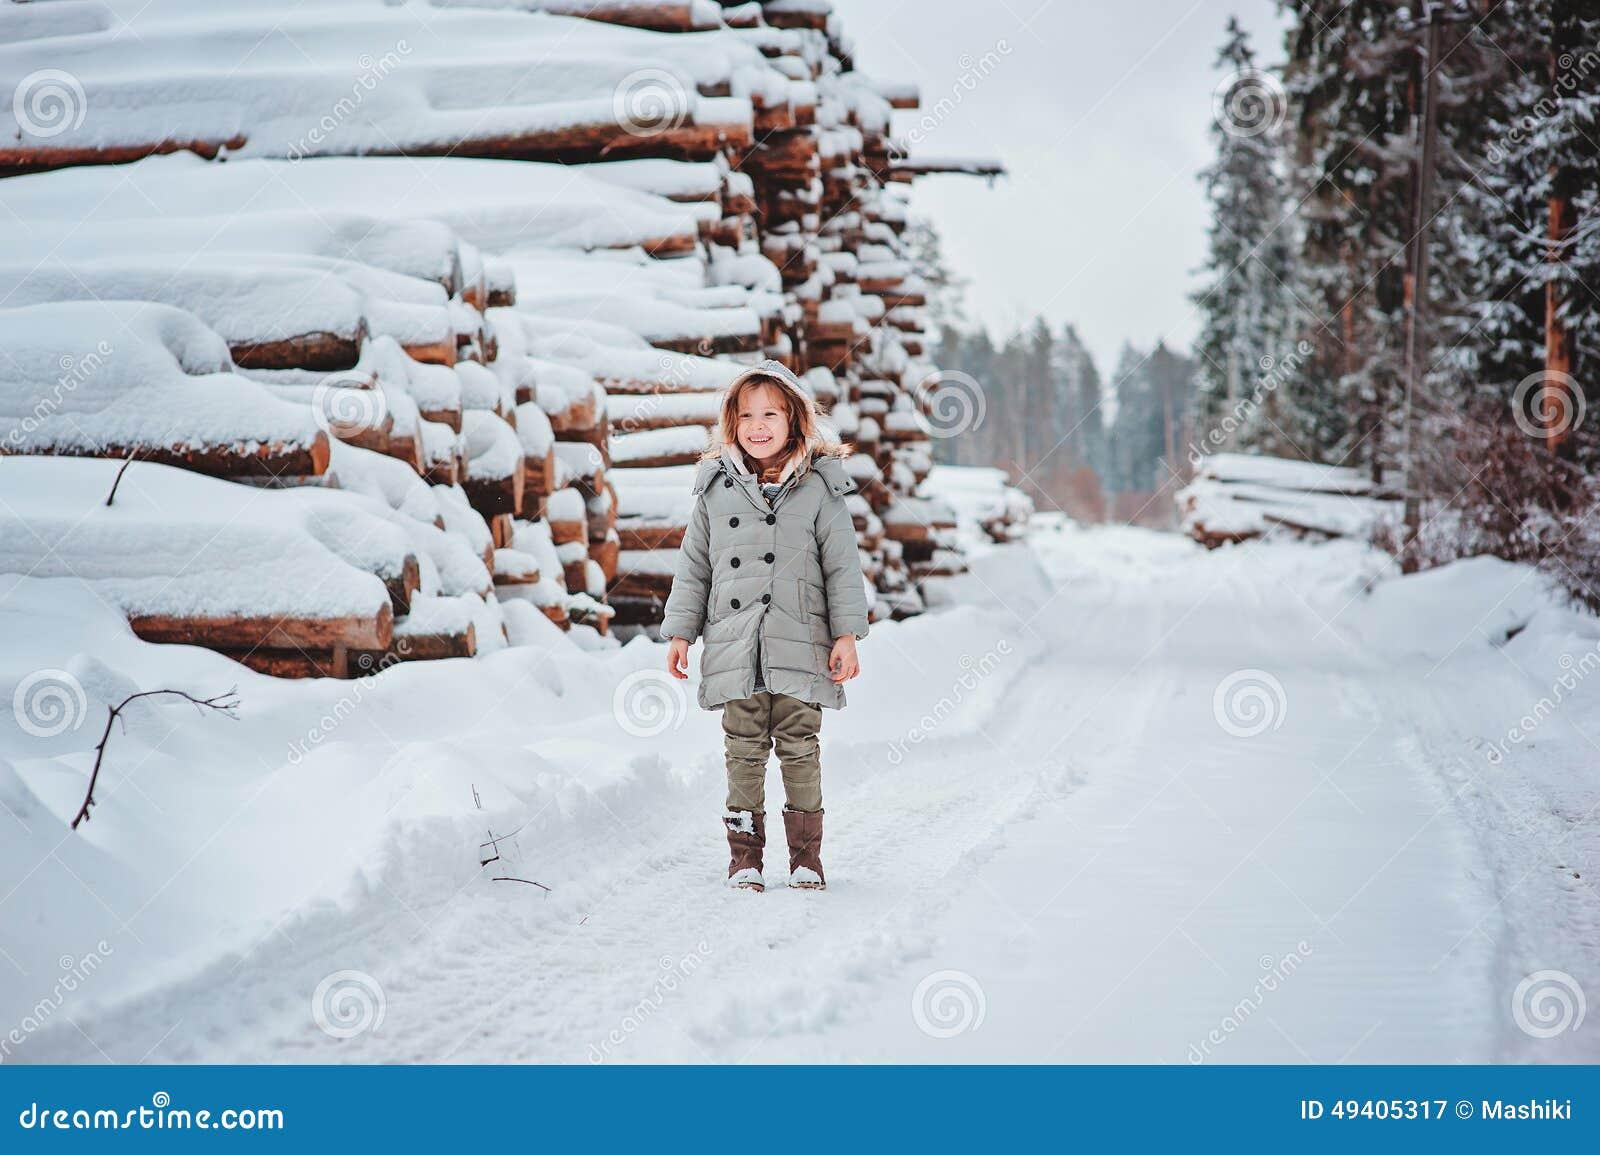 Download Glückliches Kindermädchen Auf Der Straße Im Schneebedeckten Wald Des Winters Mit Baumholzschlag Auf Hintergrund Stockbild - Bild von outdoor, portrait: 49405317